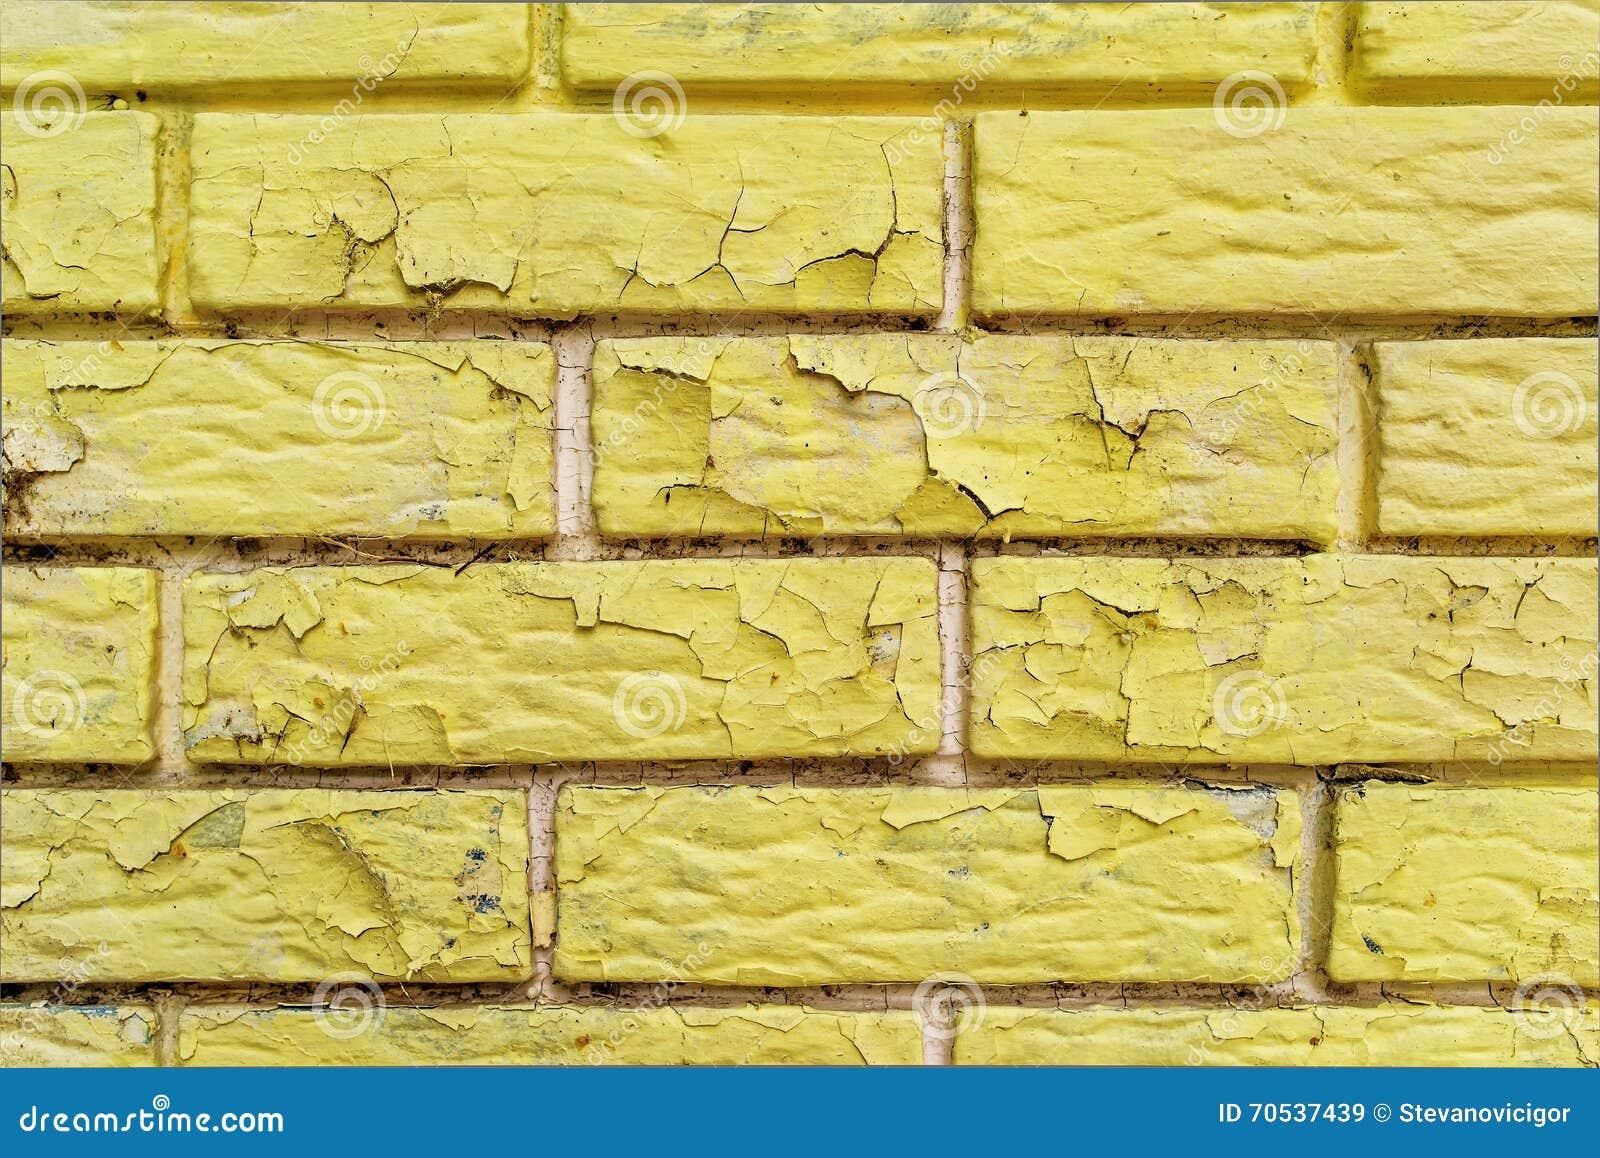 Yellow Paint Peeling Of Brick Wall Masonry Surface Stock Photography 70538318